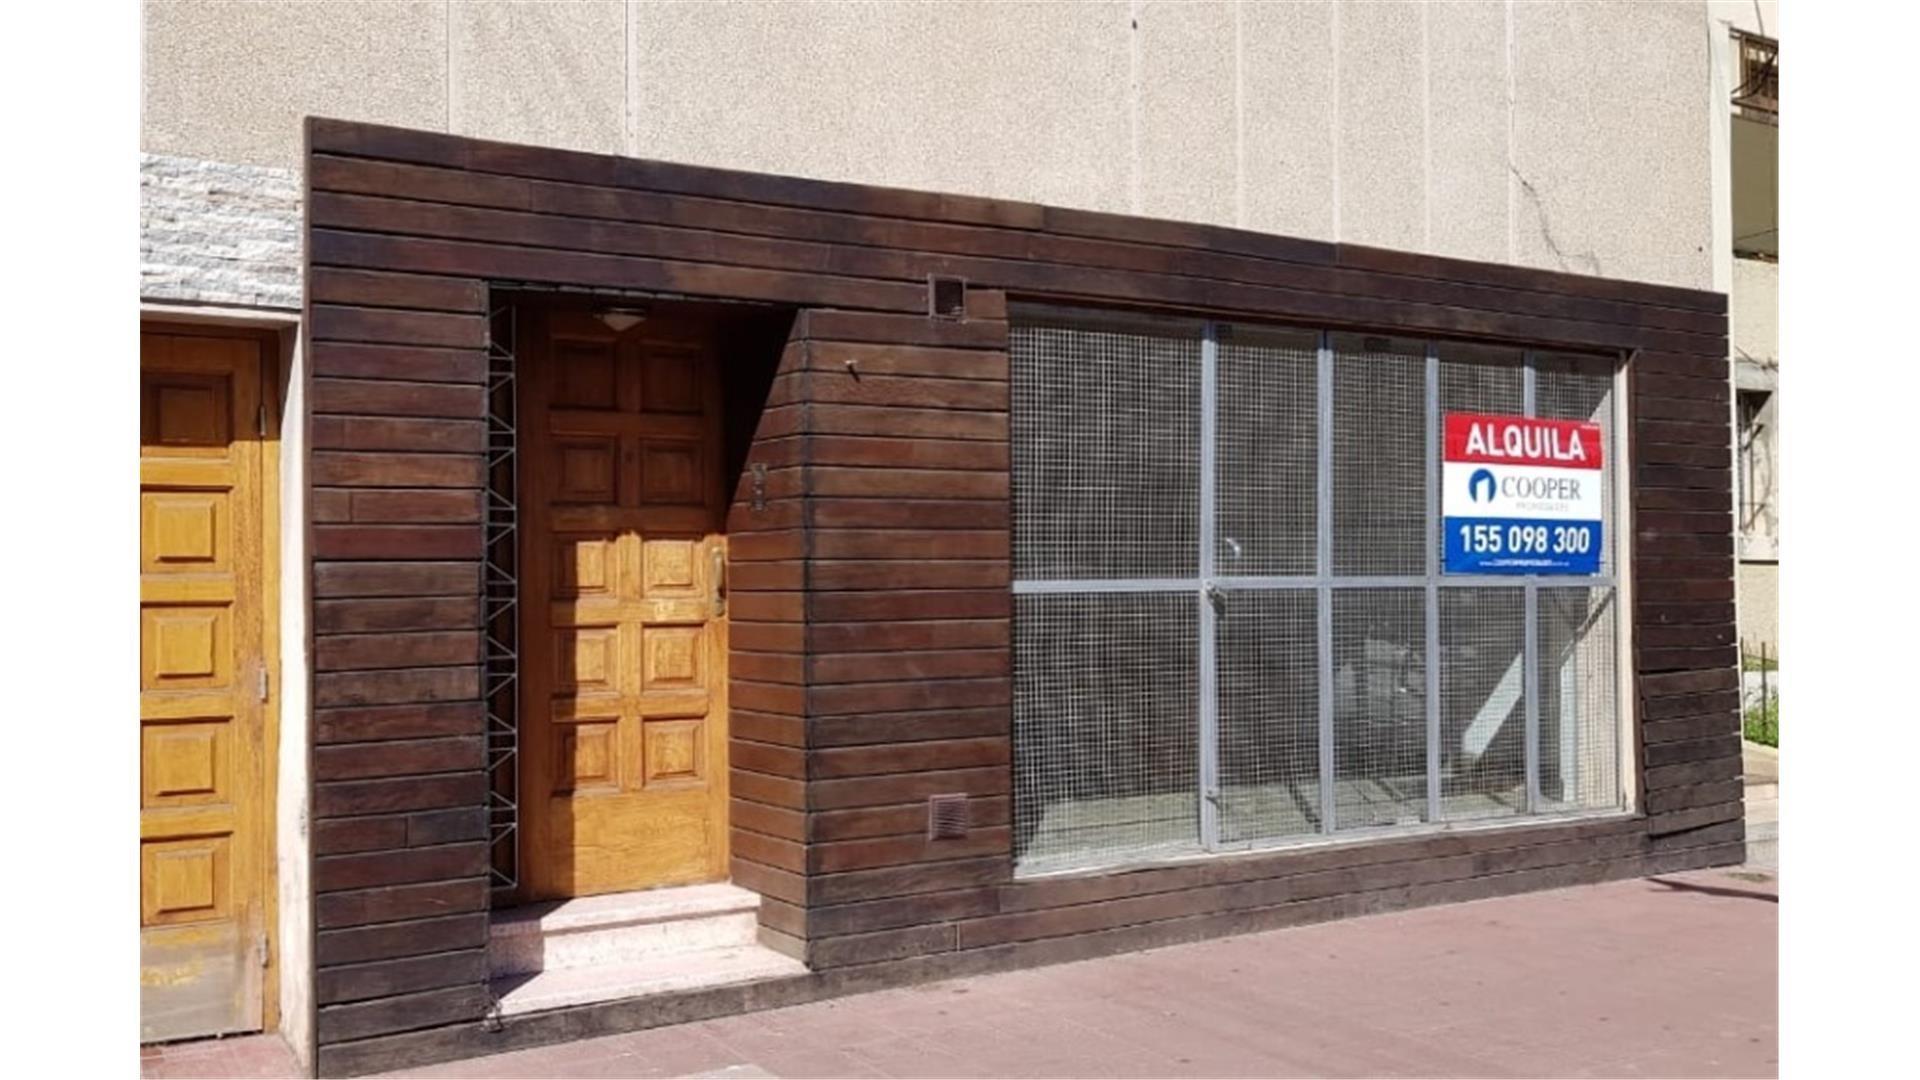 Casa en Alquiler en Alta Cordoba - 6 ambientes